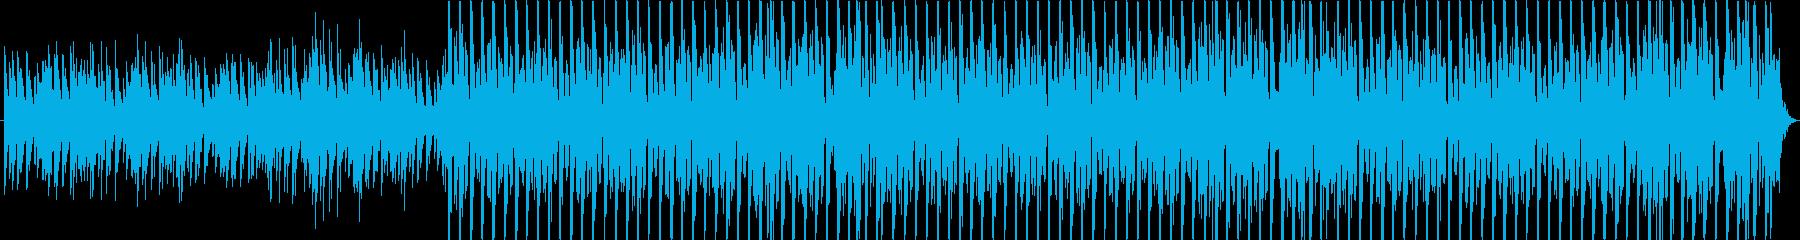 ダンジョンの中を彷徨っている様の再生済みの波形